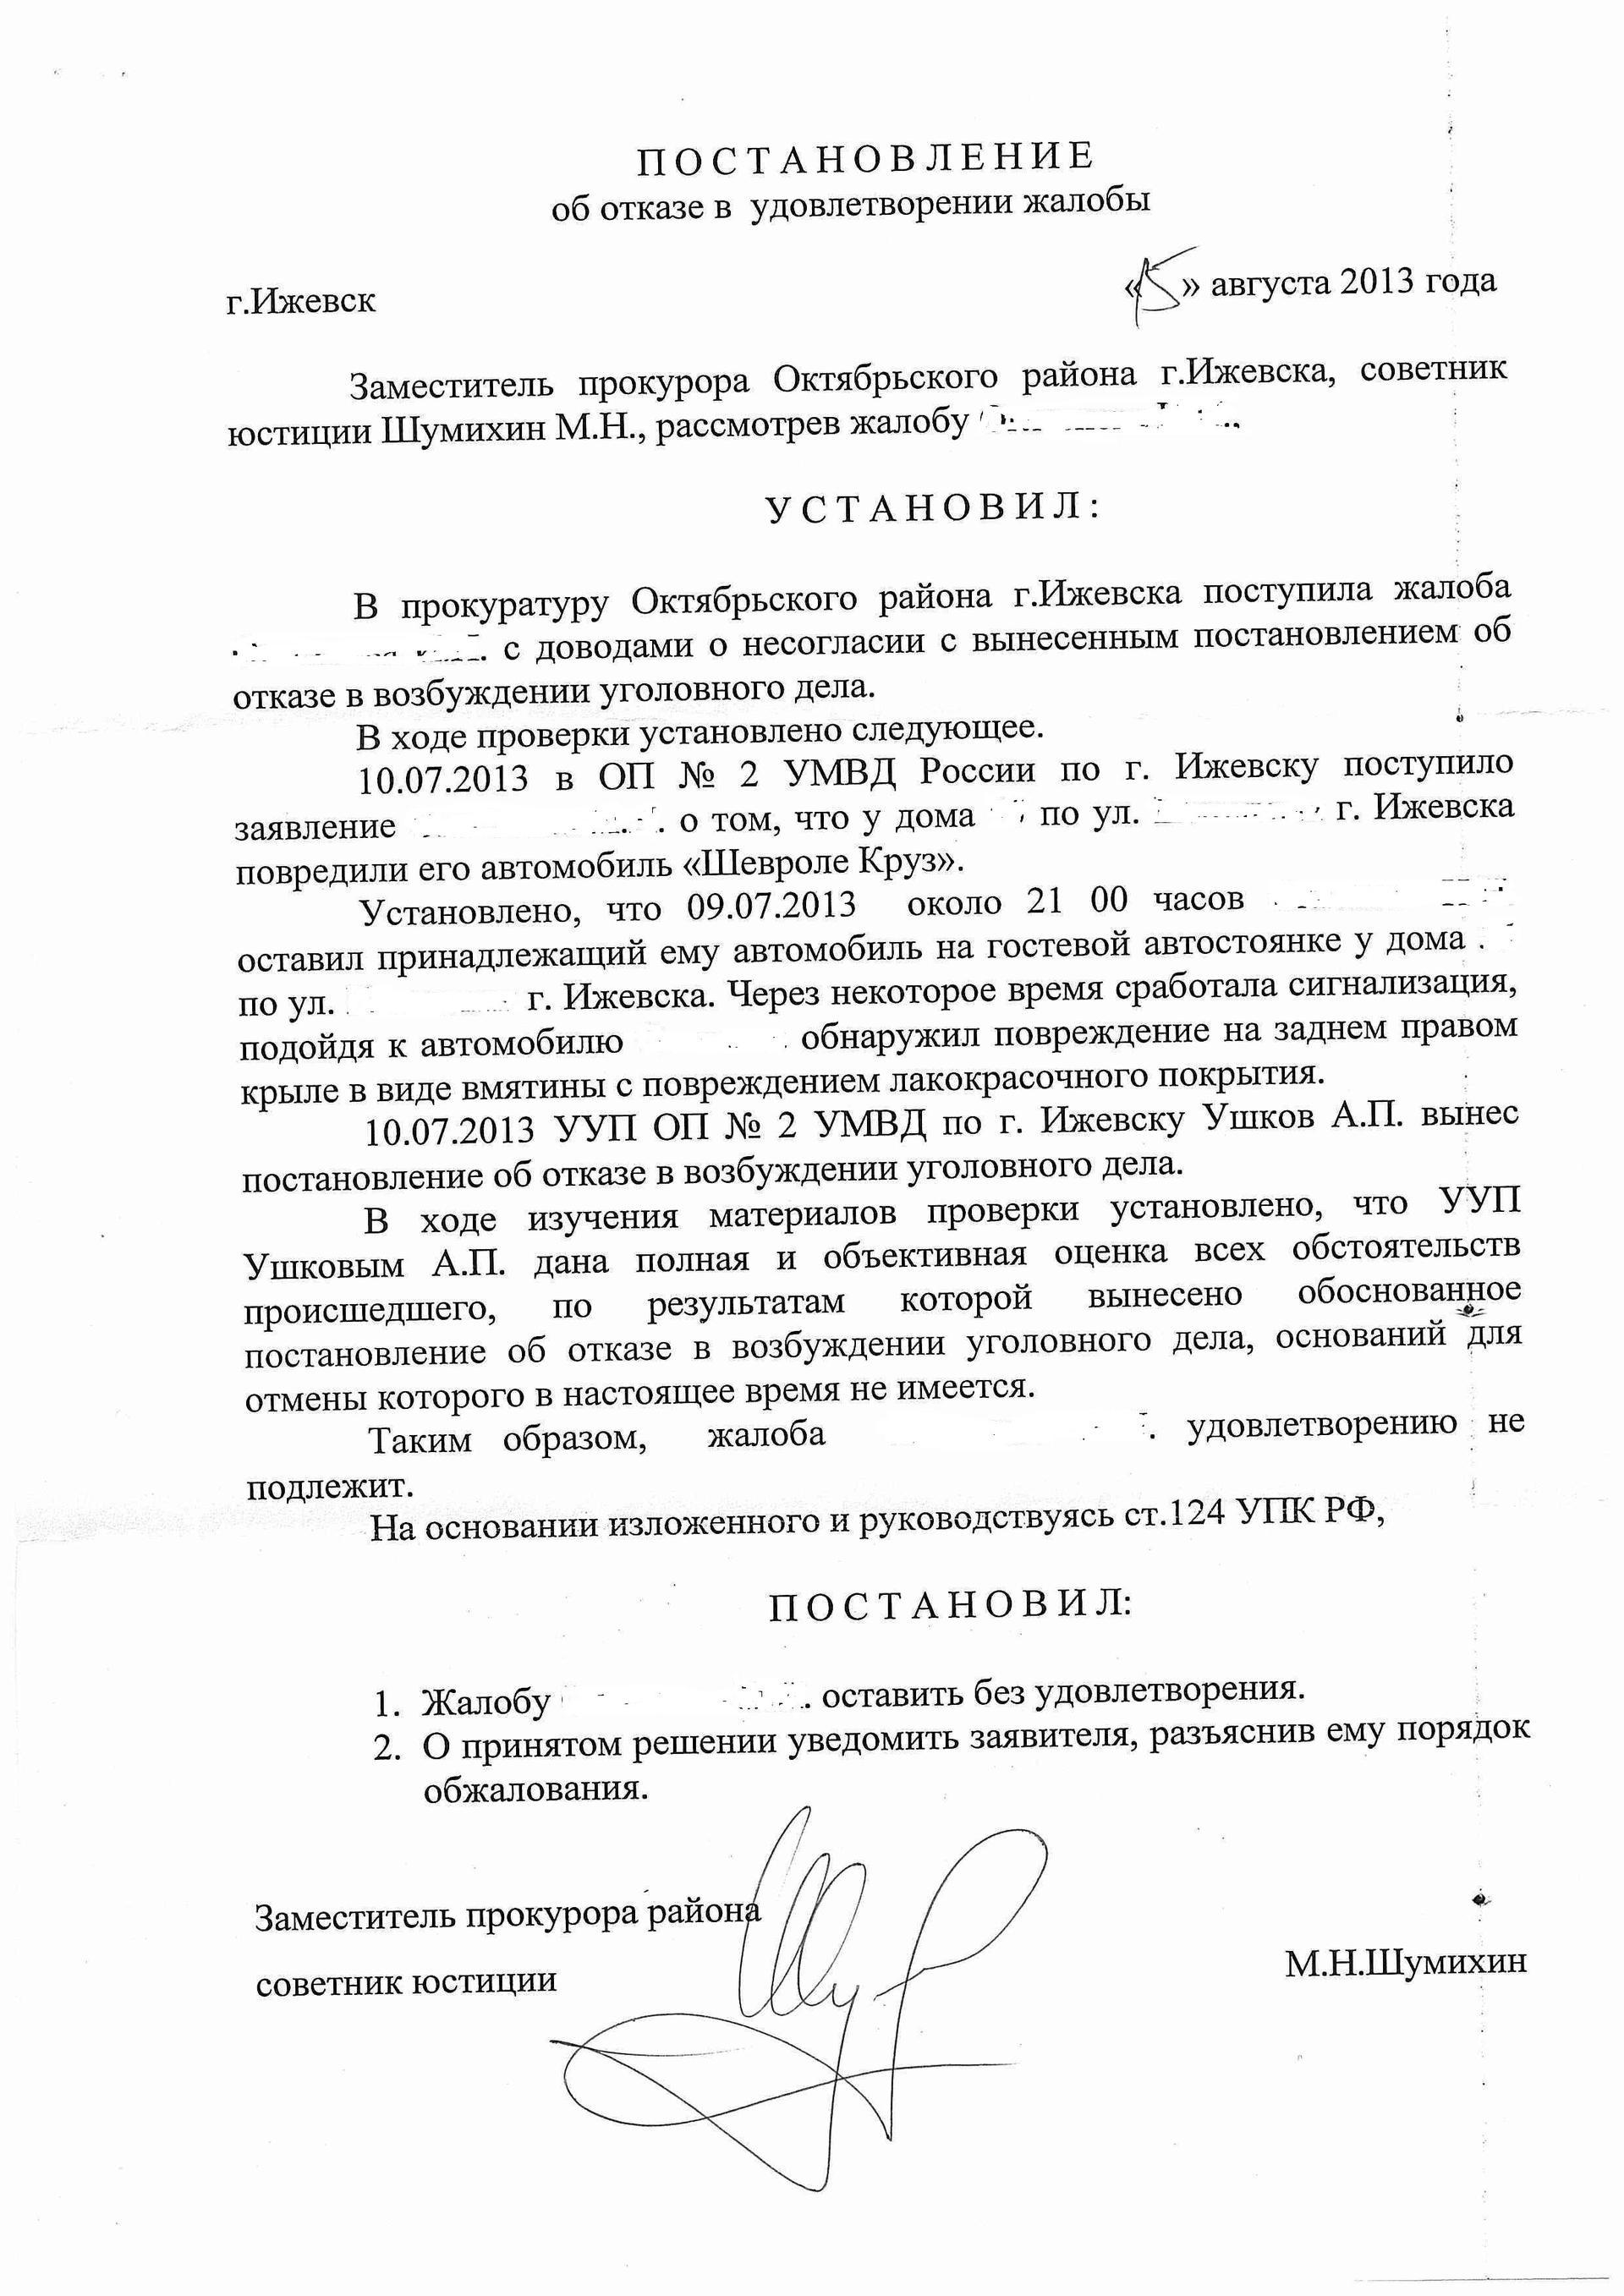 Отказ в выплате по ОСАГО по трасологии по законам РФ